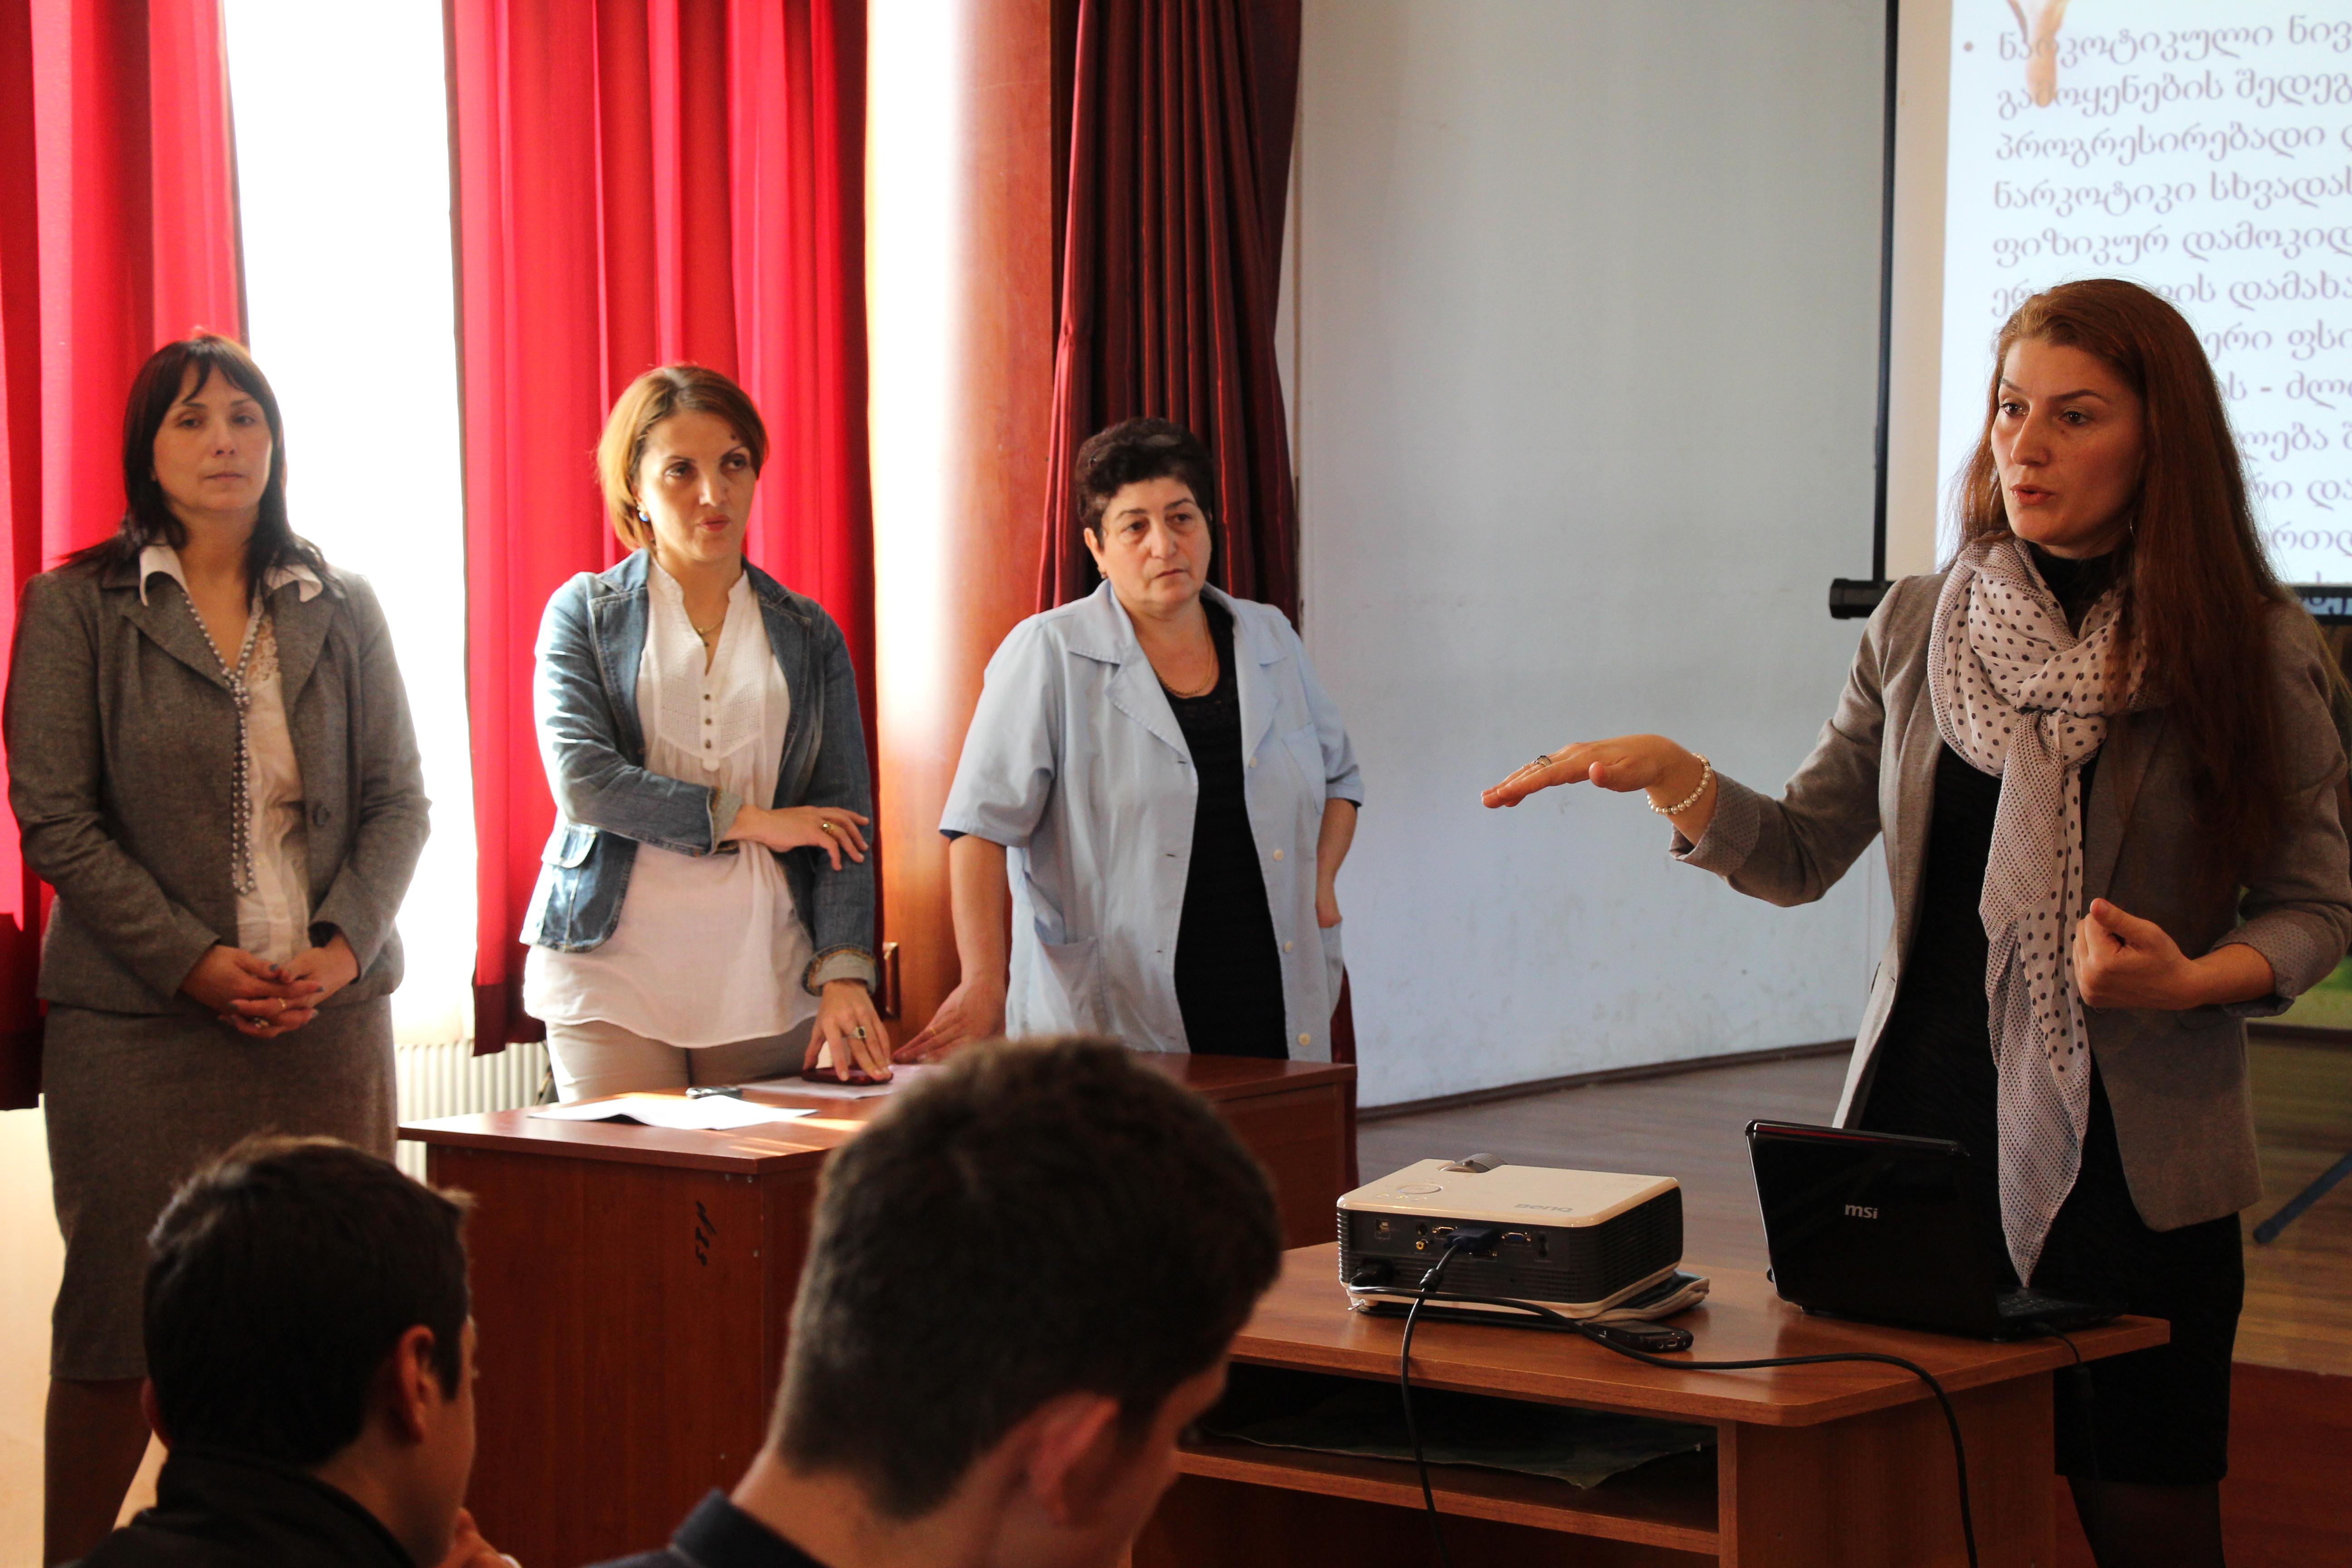 ჯანმრთელობის გაკვეთილები სკოლებში